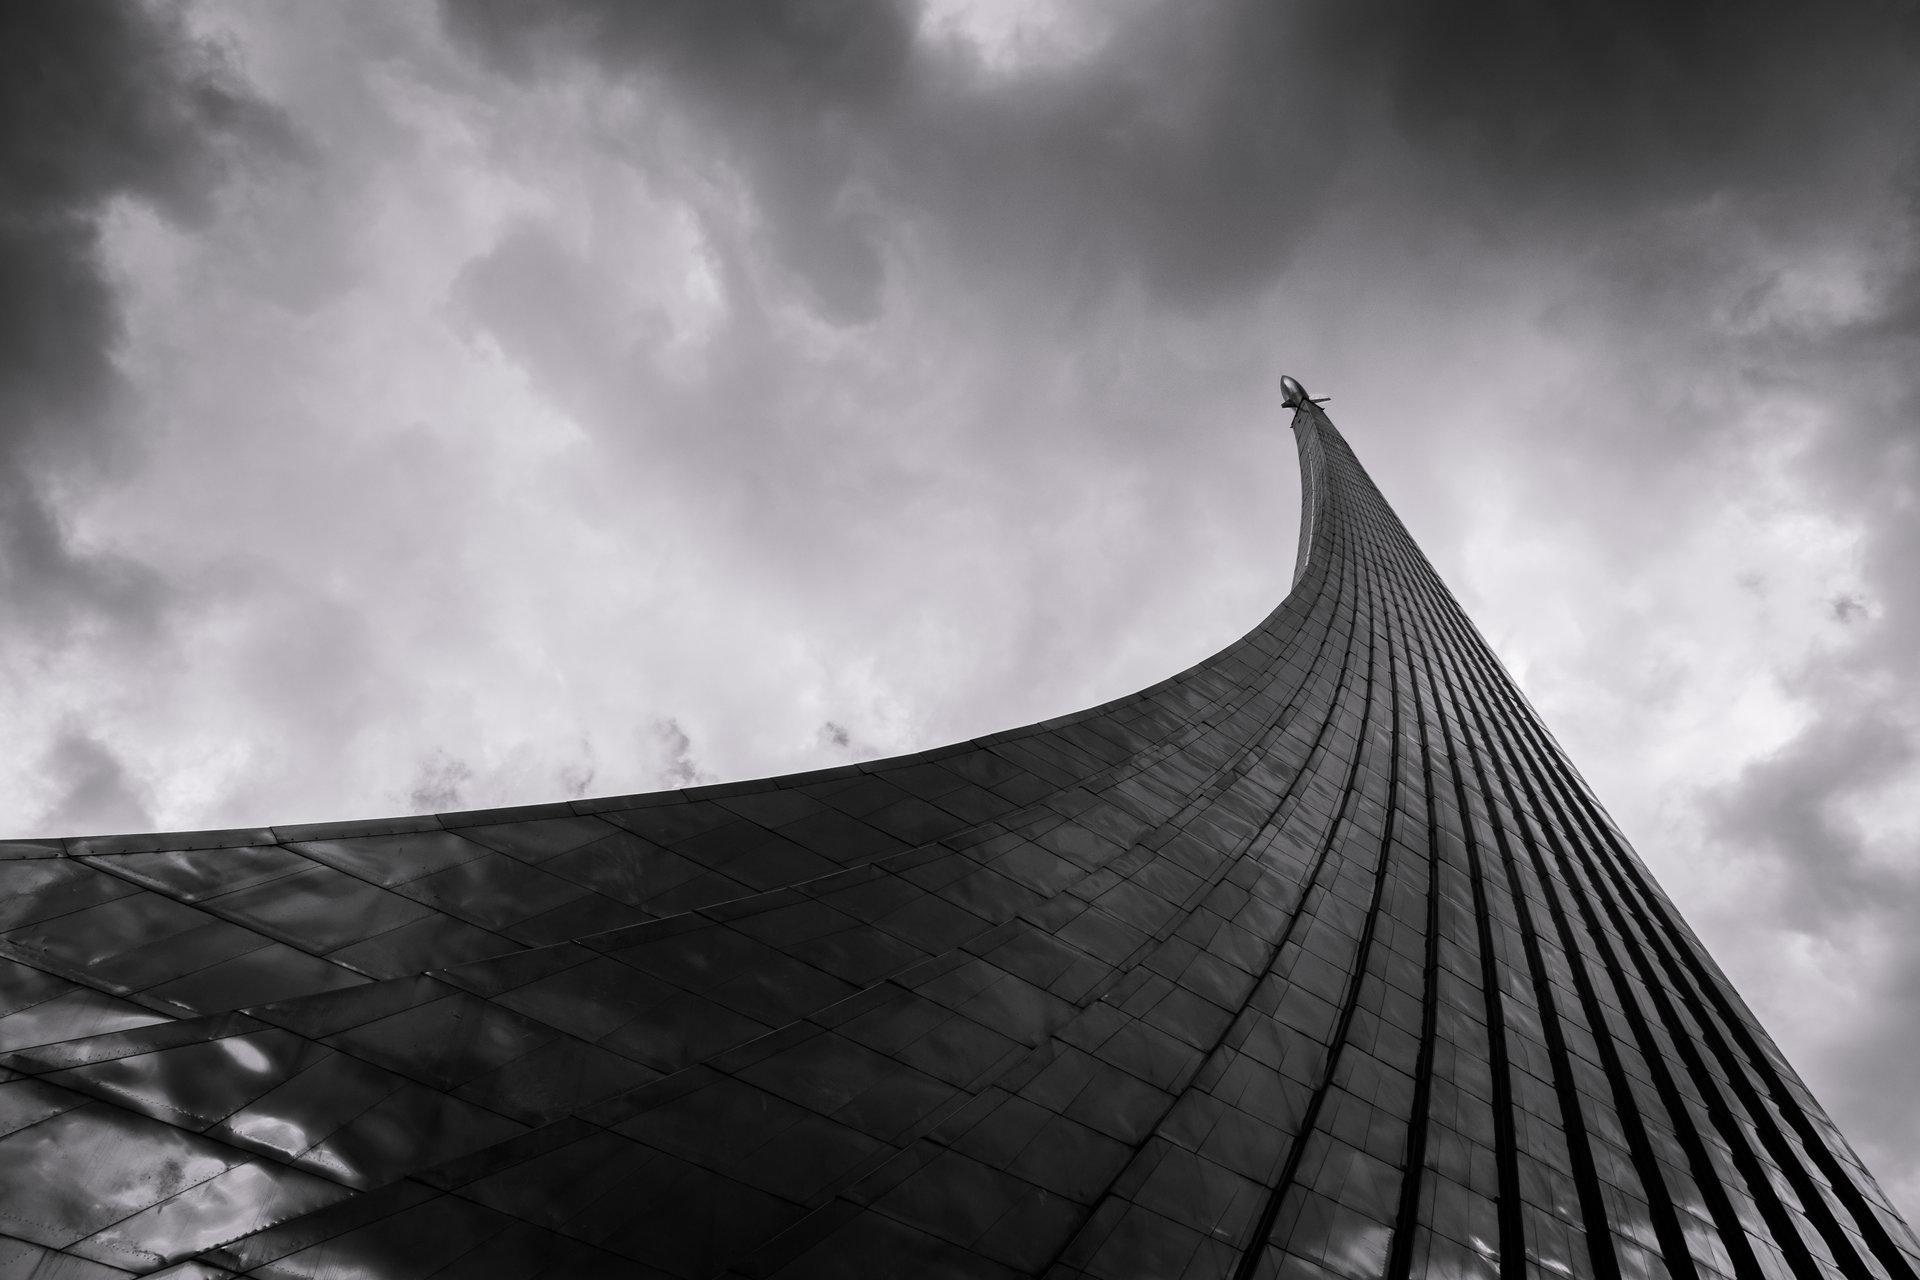 Монумент покорителям космоса от Evtim Hristov - eftooo